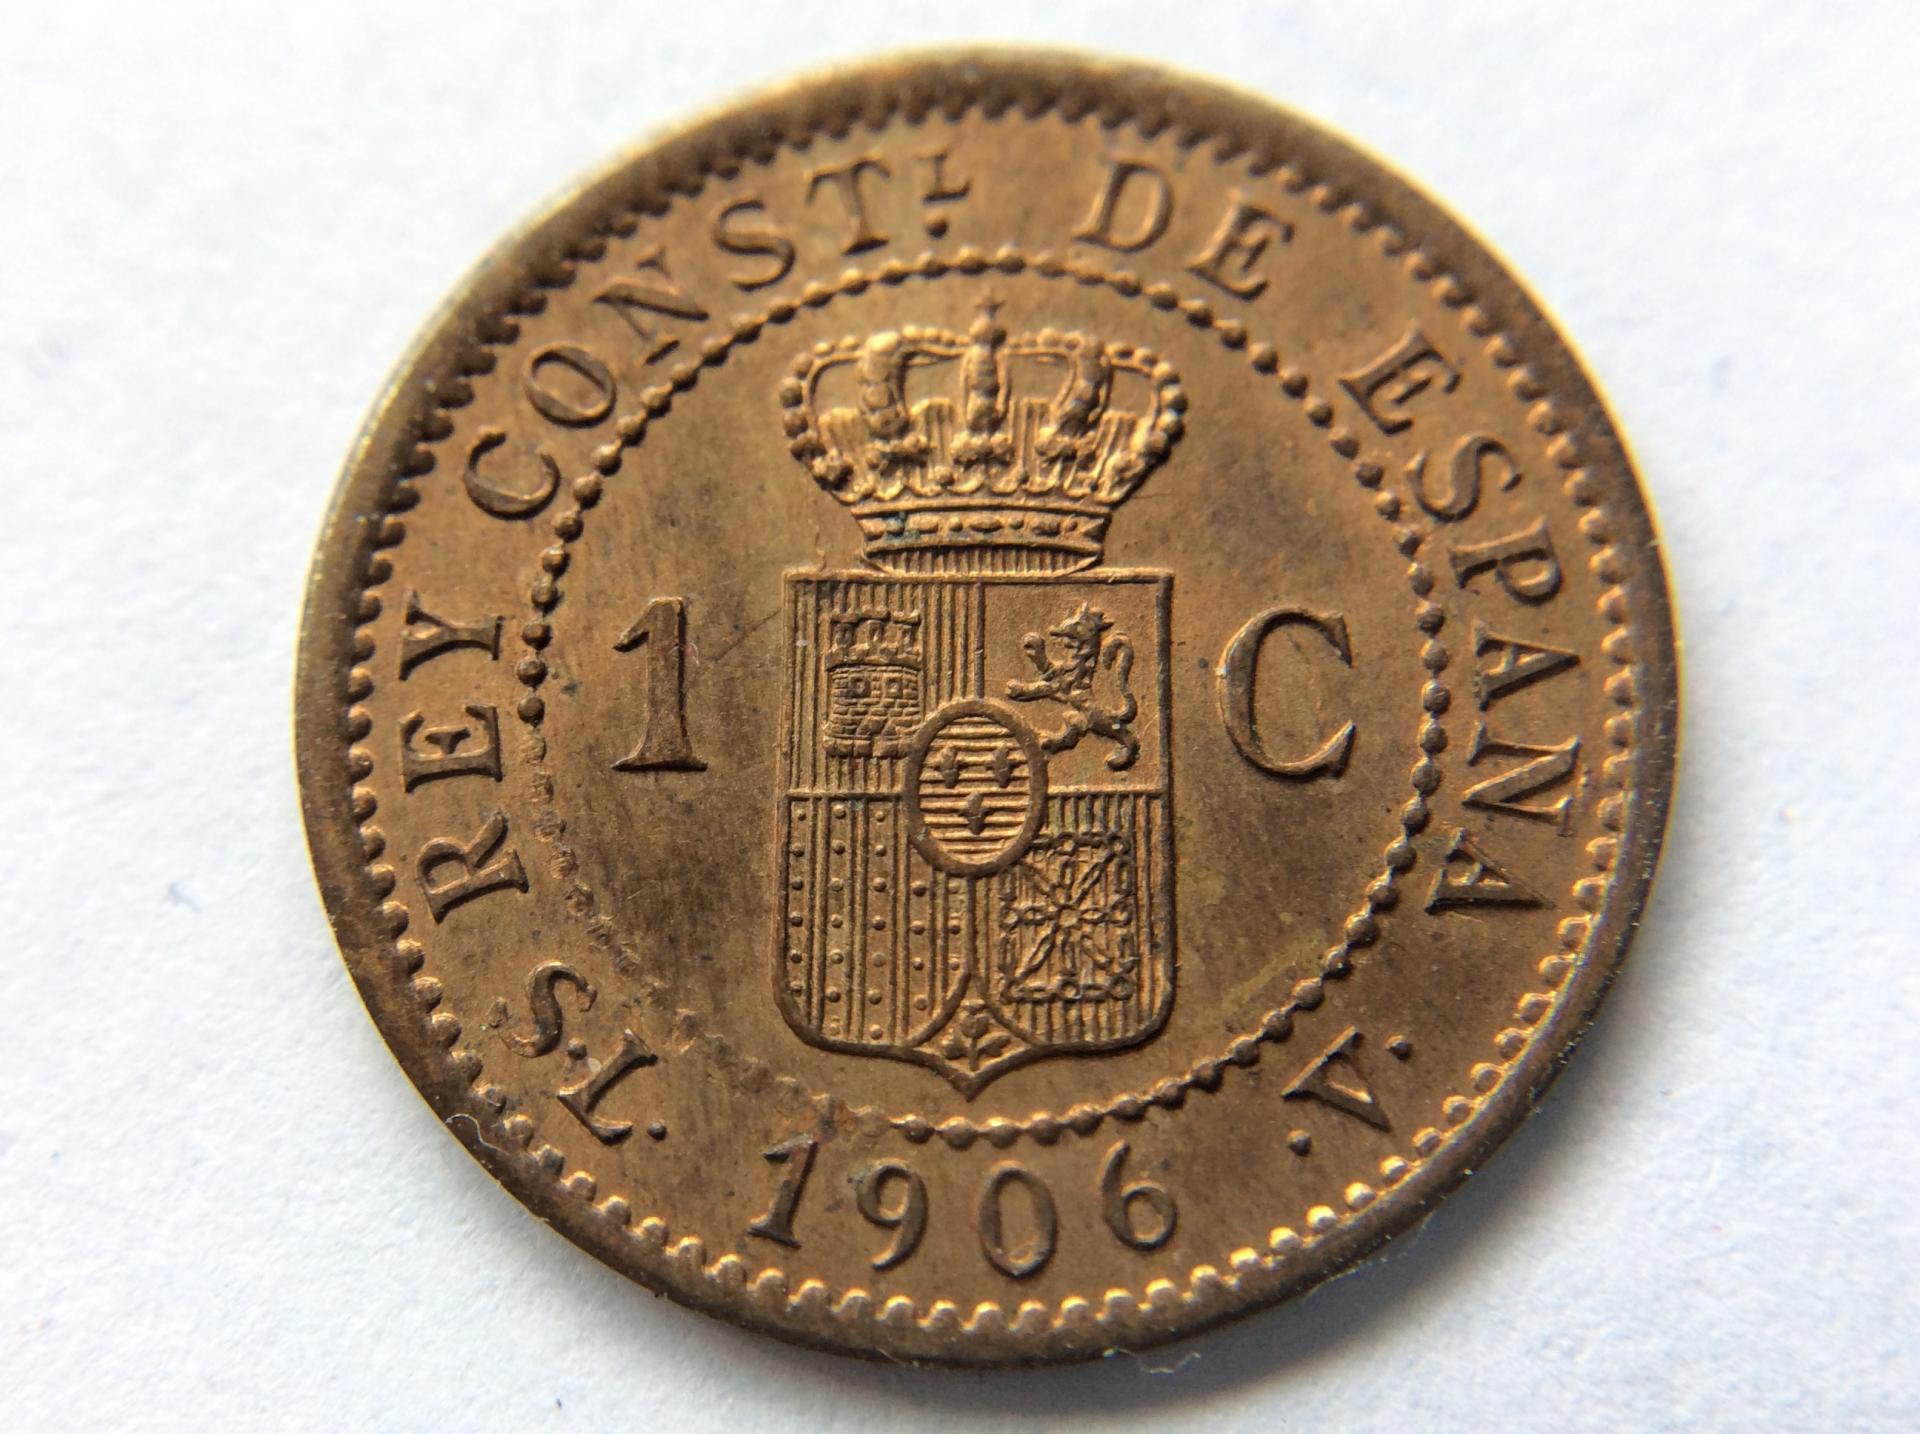 1 CÉNTIMO DE COBRE DE 1906 - ALFONSO XIII - SIN CIRCULAR